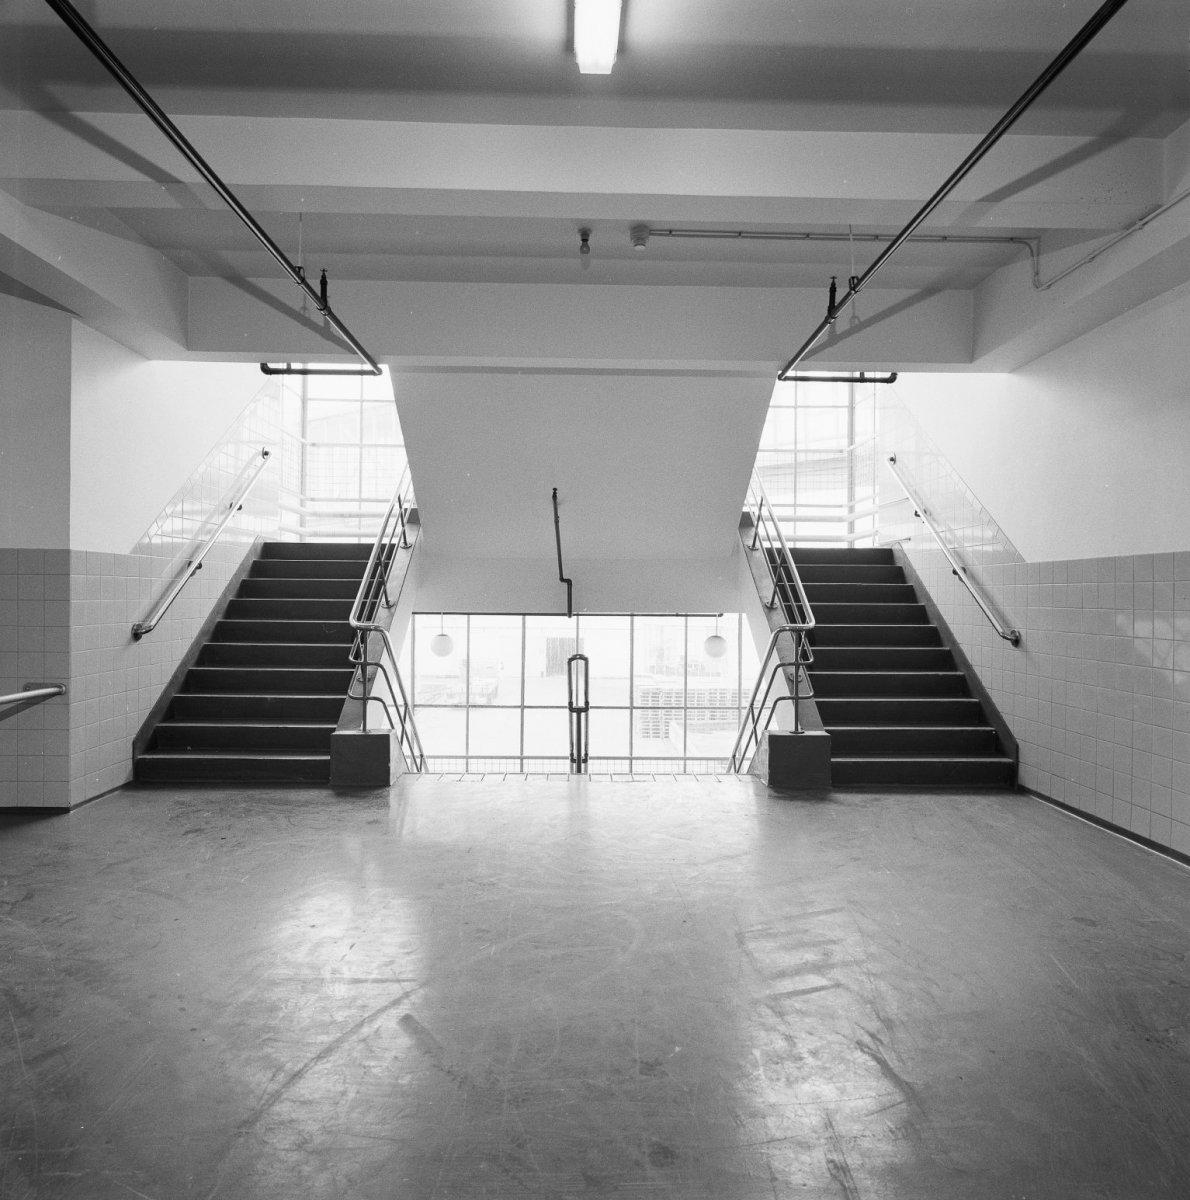 File interieur koffie en theefabrieken tweede trappenhuis 39 keizerlijke 39 trap oorspronkelijk - Model interieur trap ...